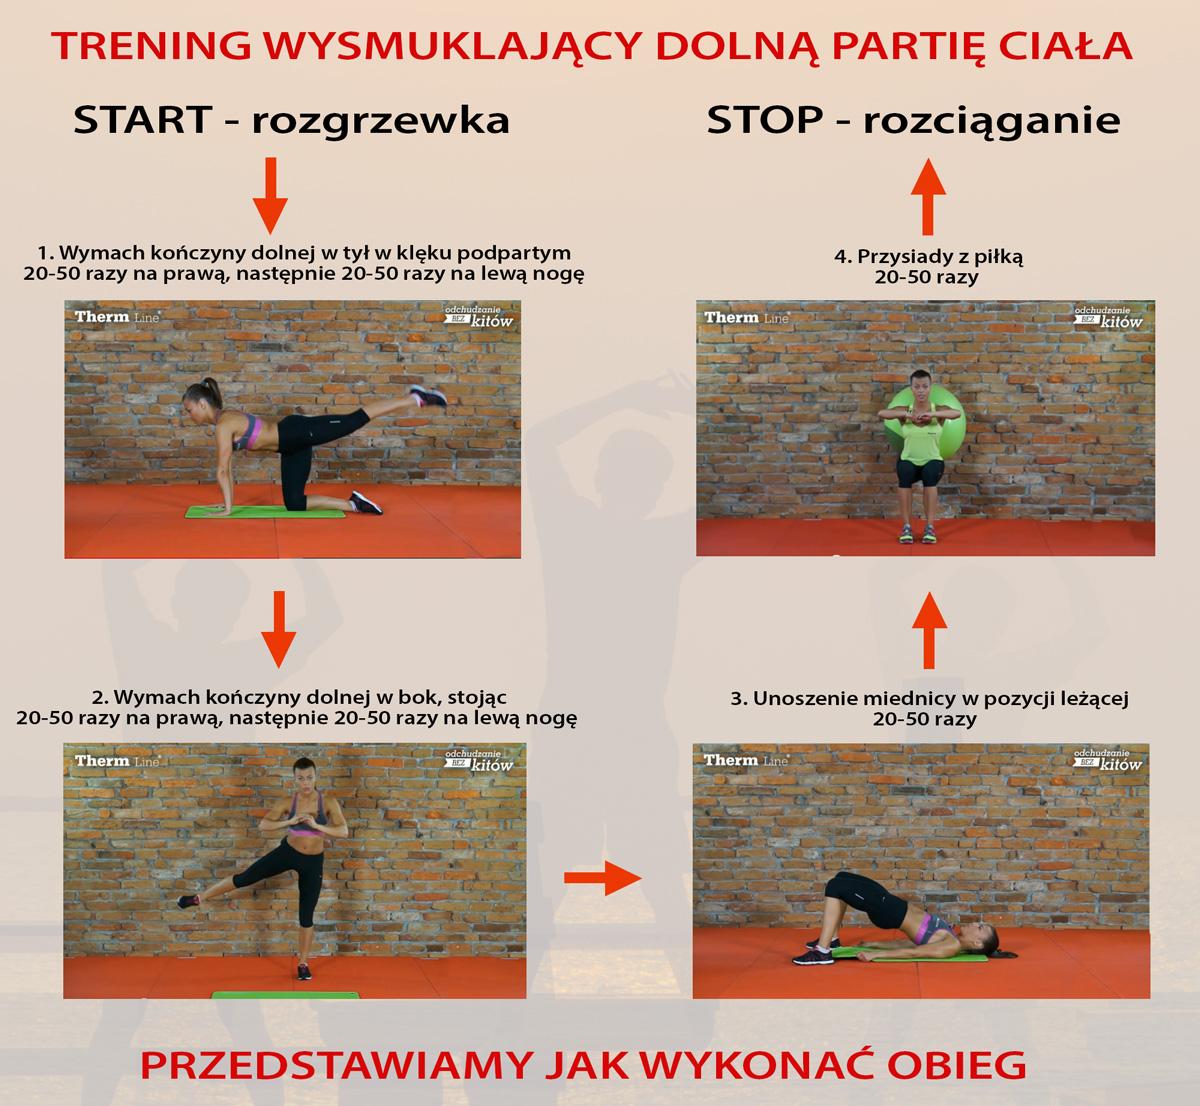 miesięczny trening dla kobiet wysmuklający dolną partię ciała